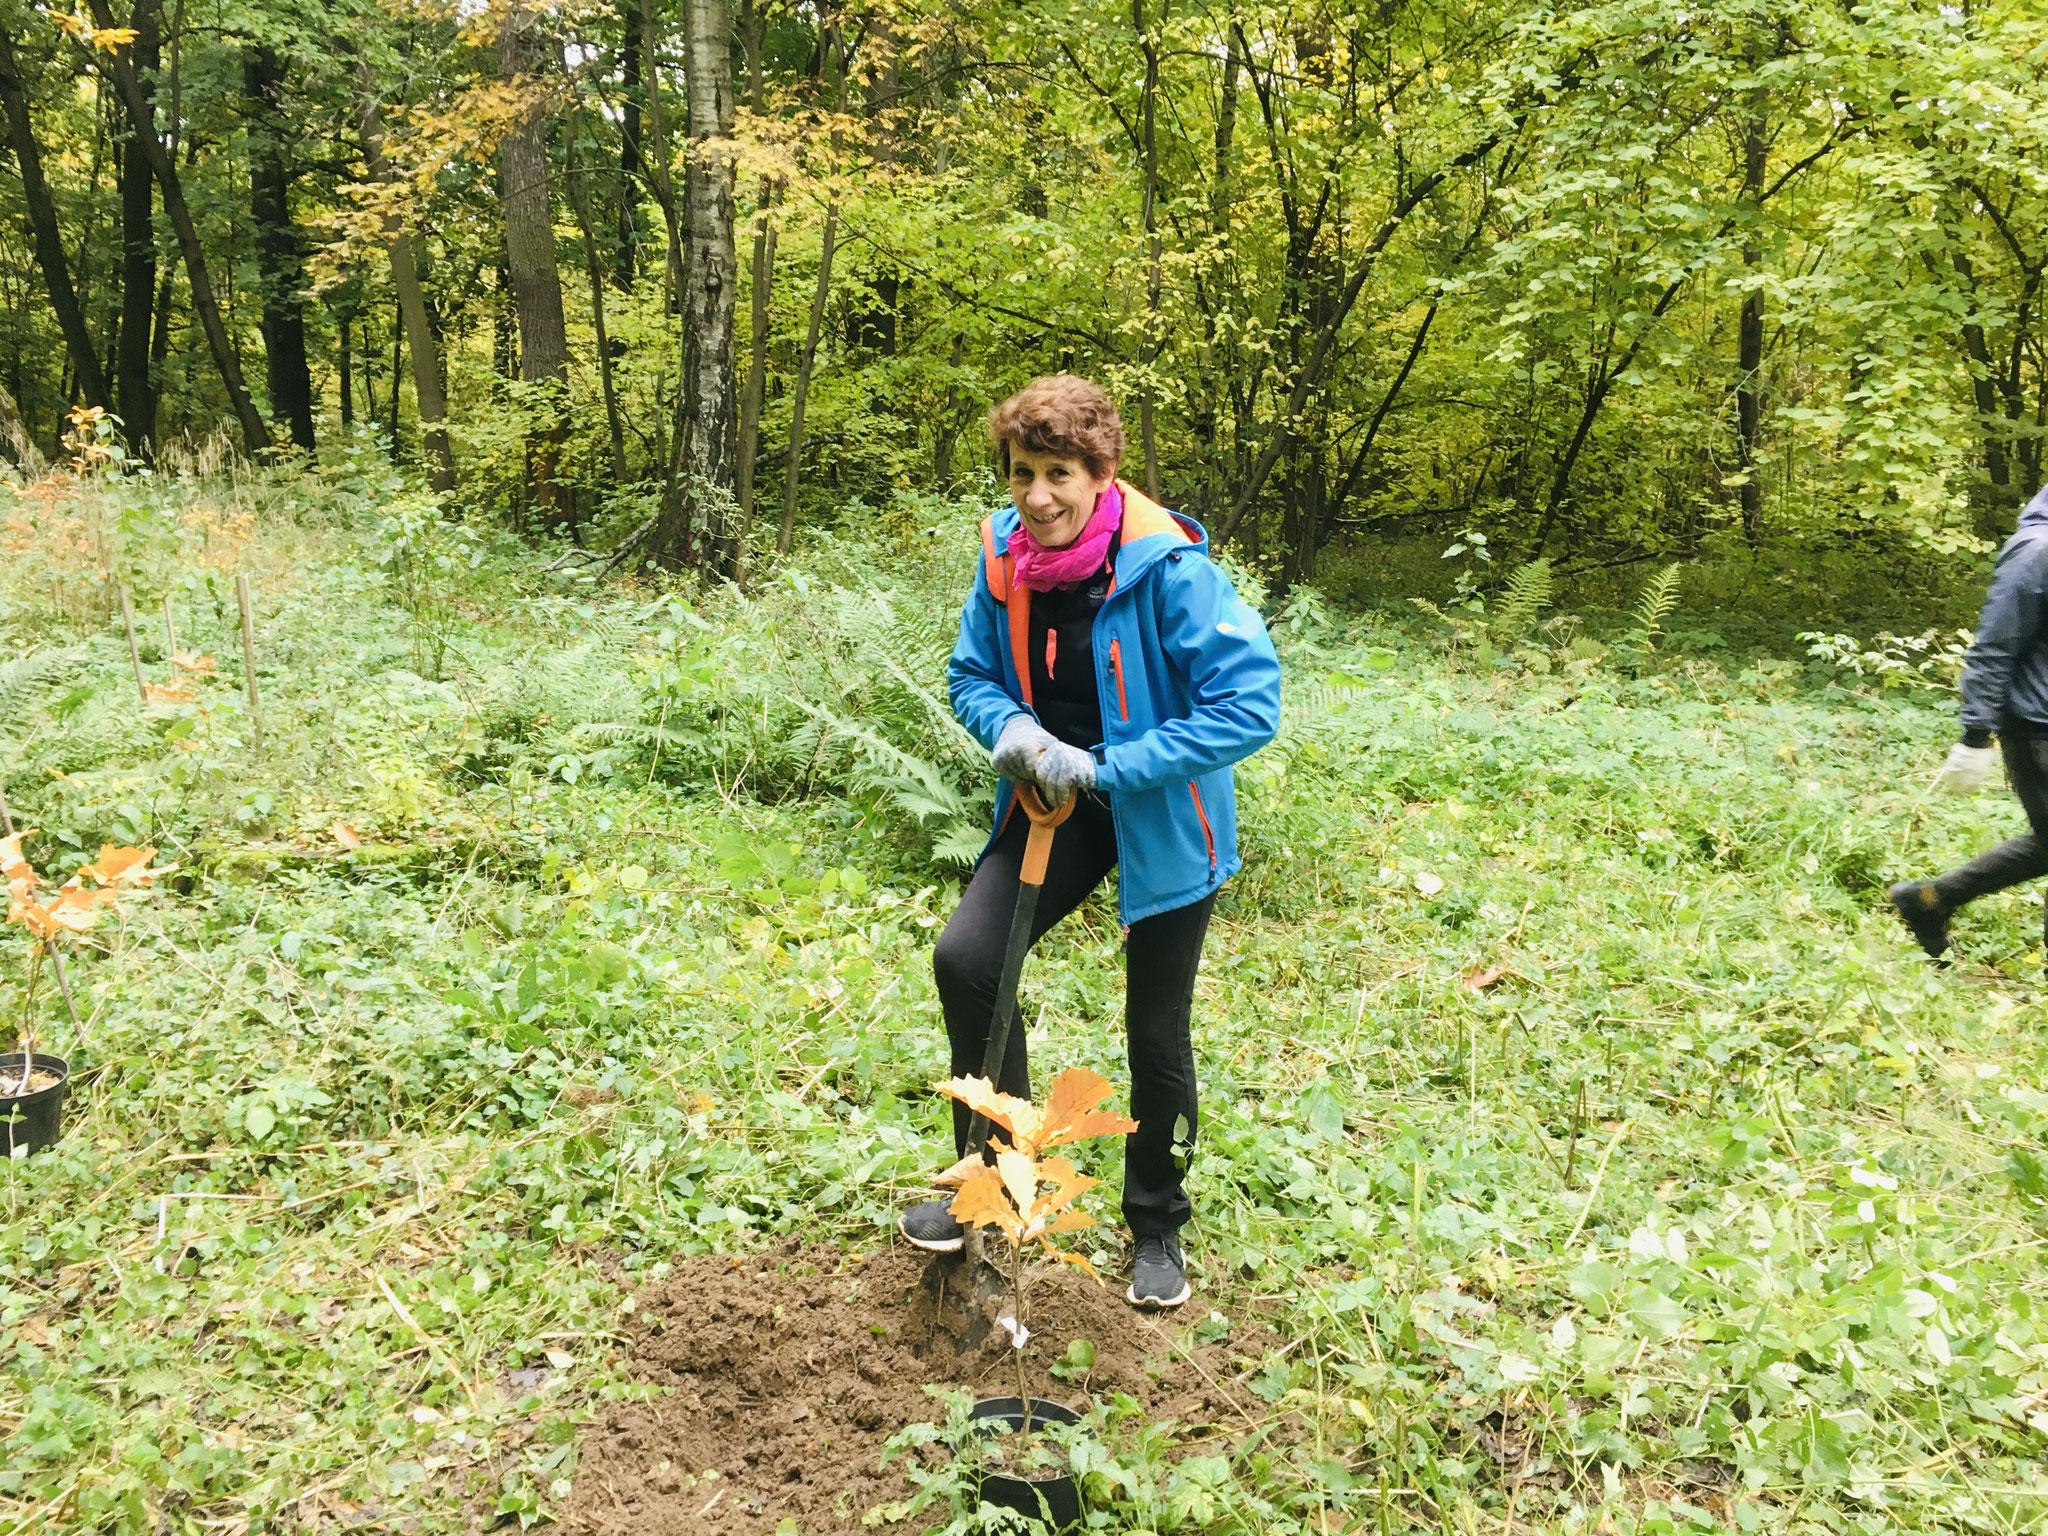 Je creuse une petite rigole autour de mon chêne, pour qu'il profite mieux de l'eau qui sera apportée tout à l'heure